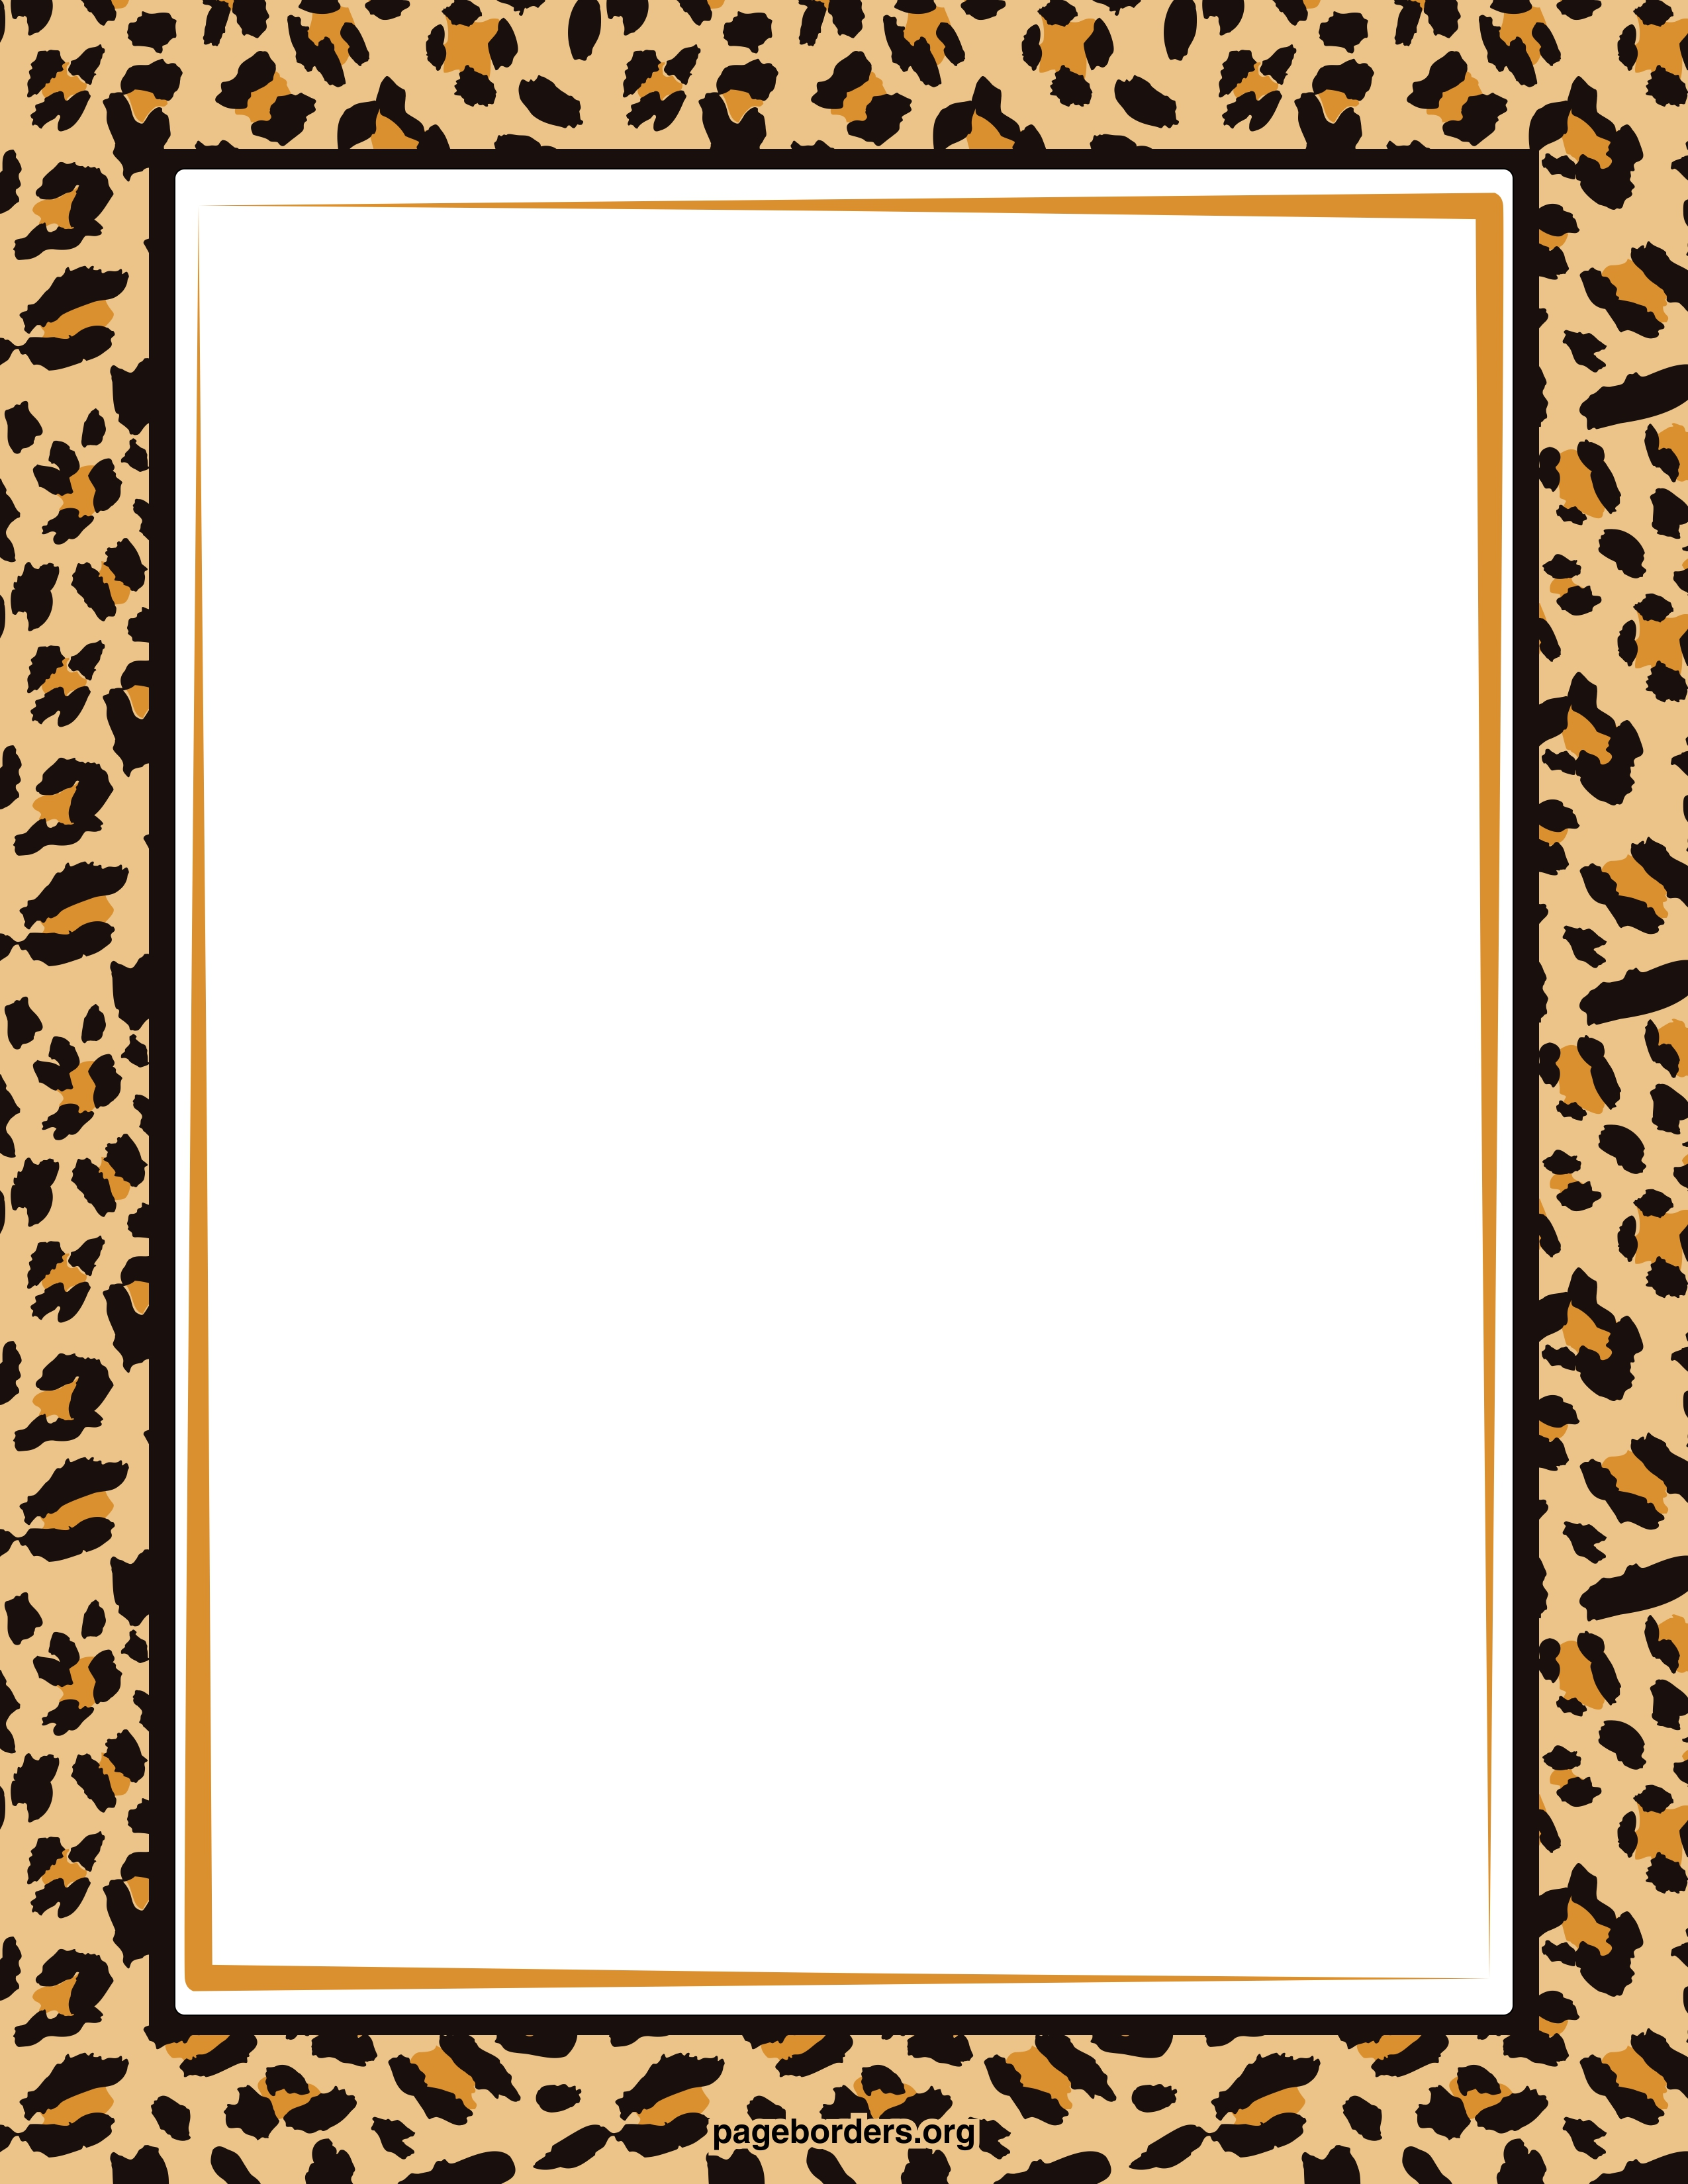 Frame clipart animal print Clip Art Art Zebra Free